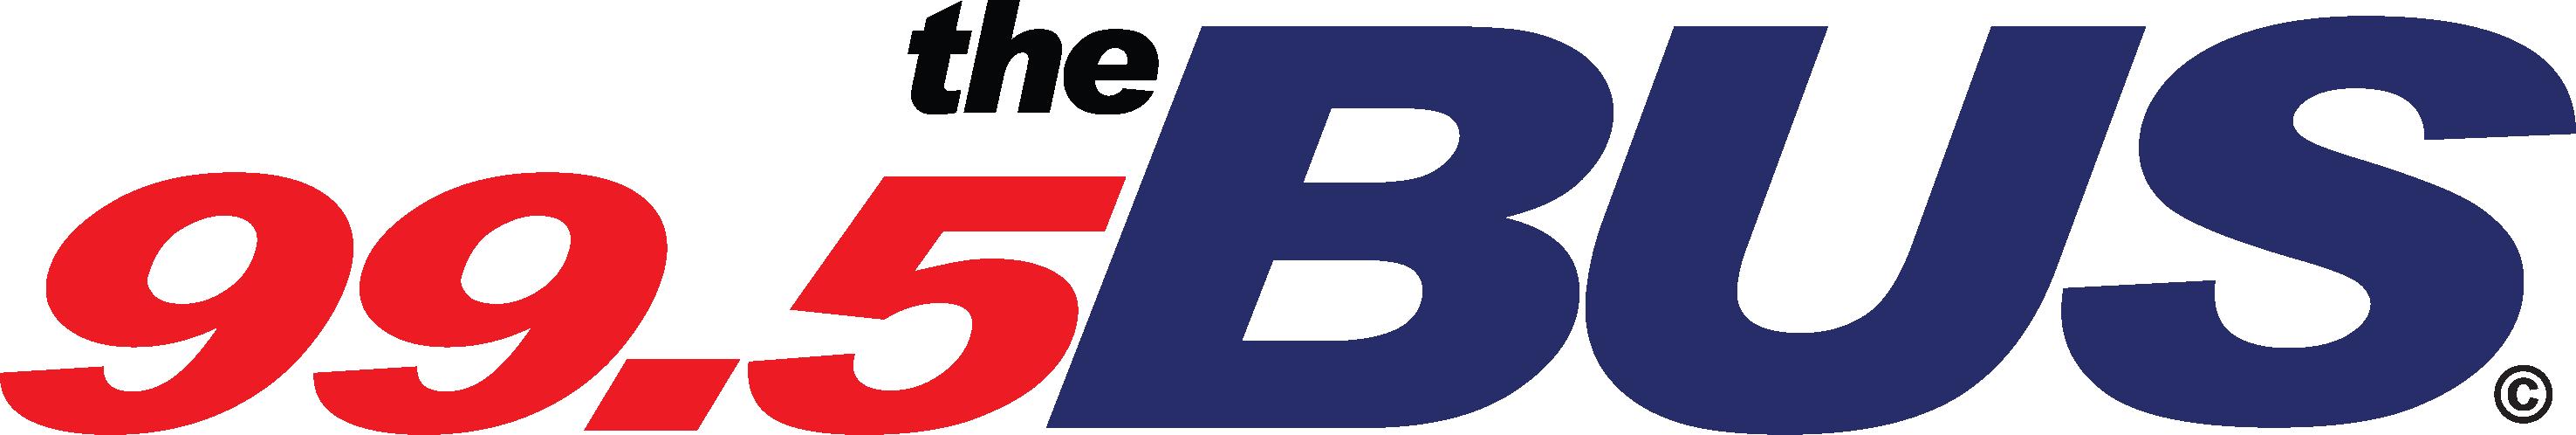 995 Bus